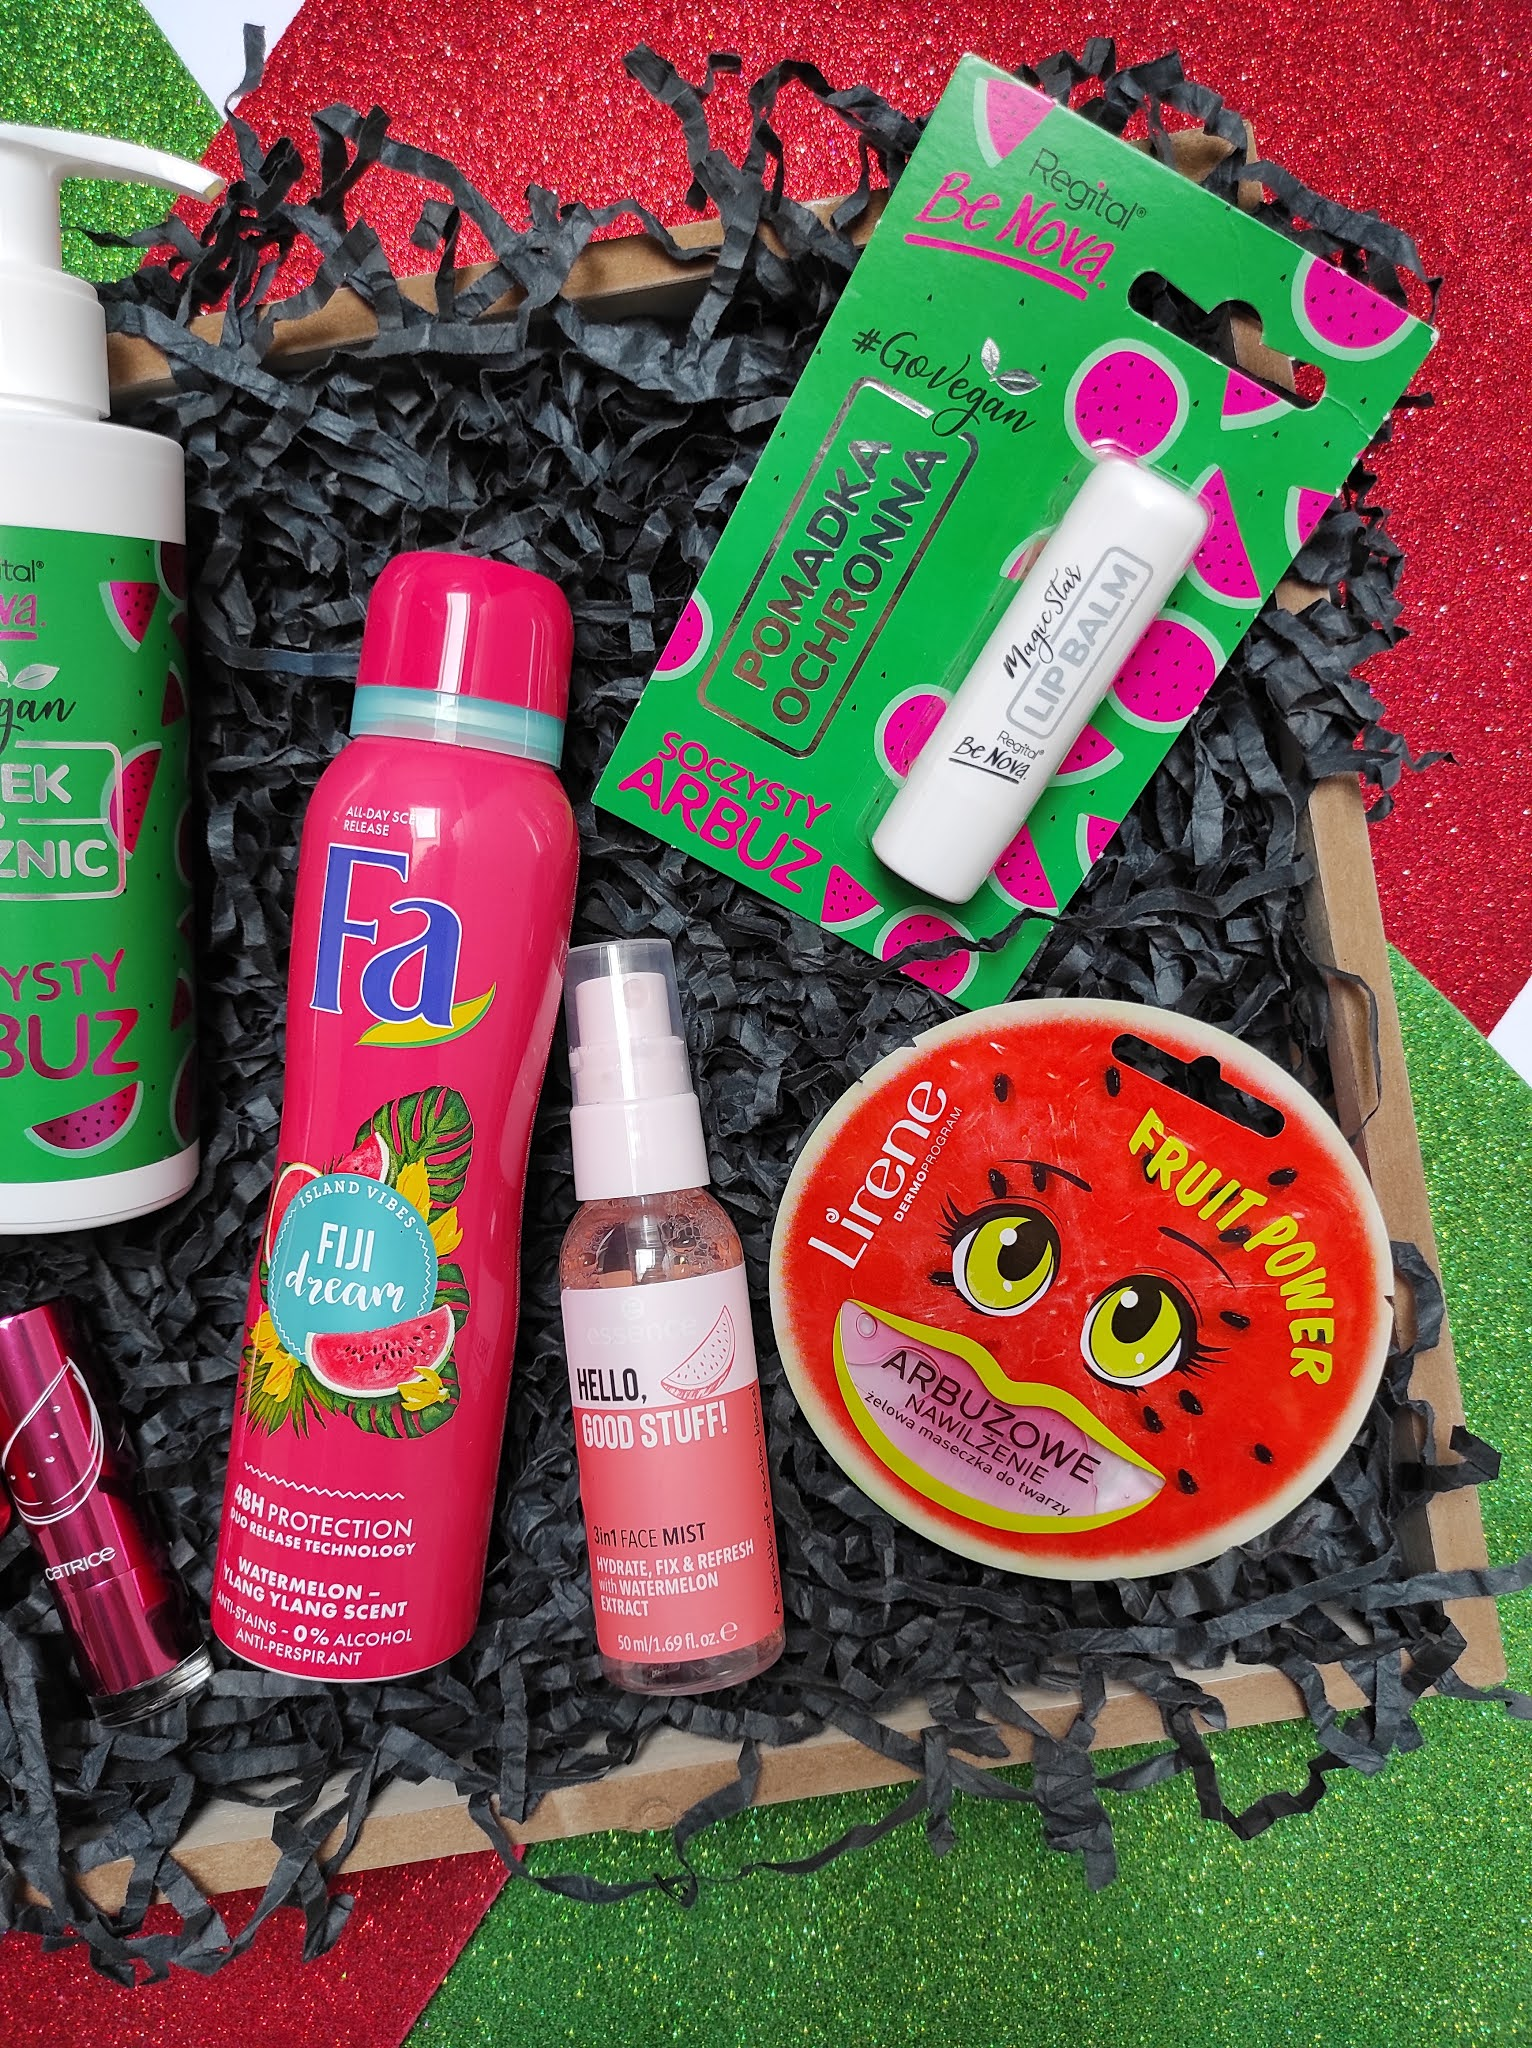 Przegląd arbuzowych kosmetyków drogeryjnych